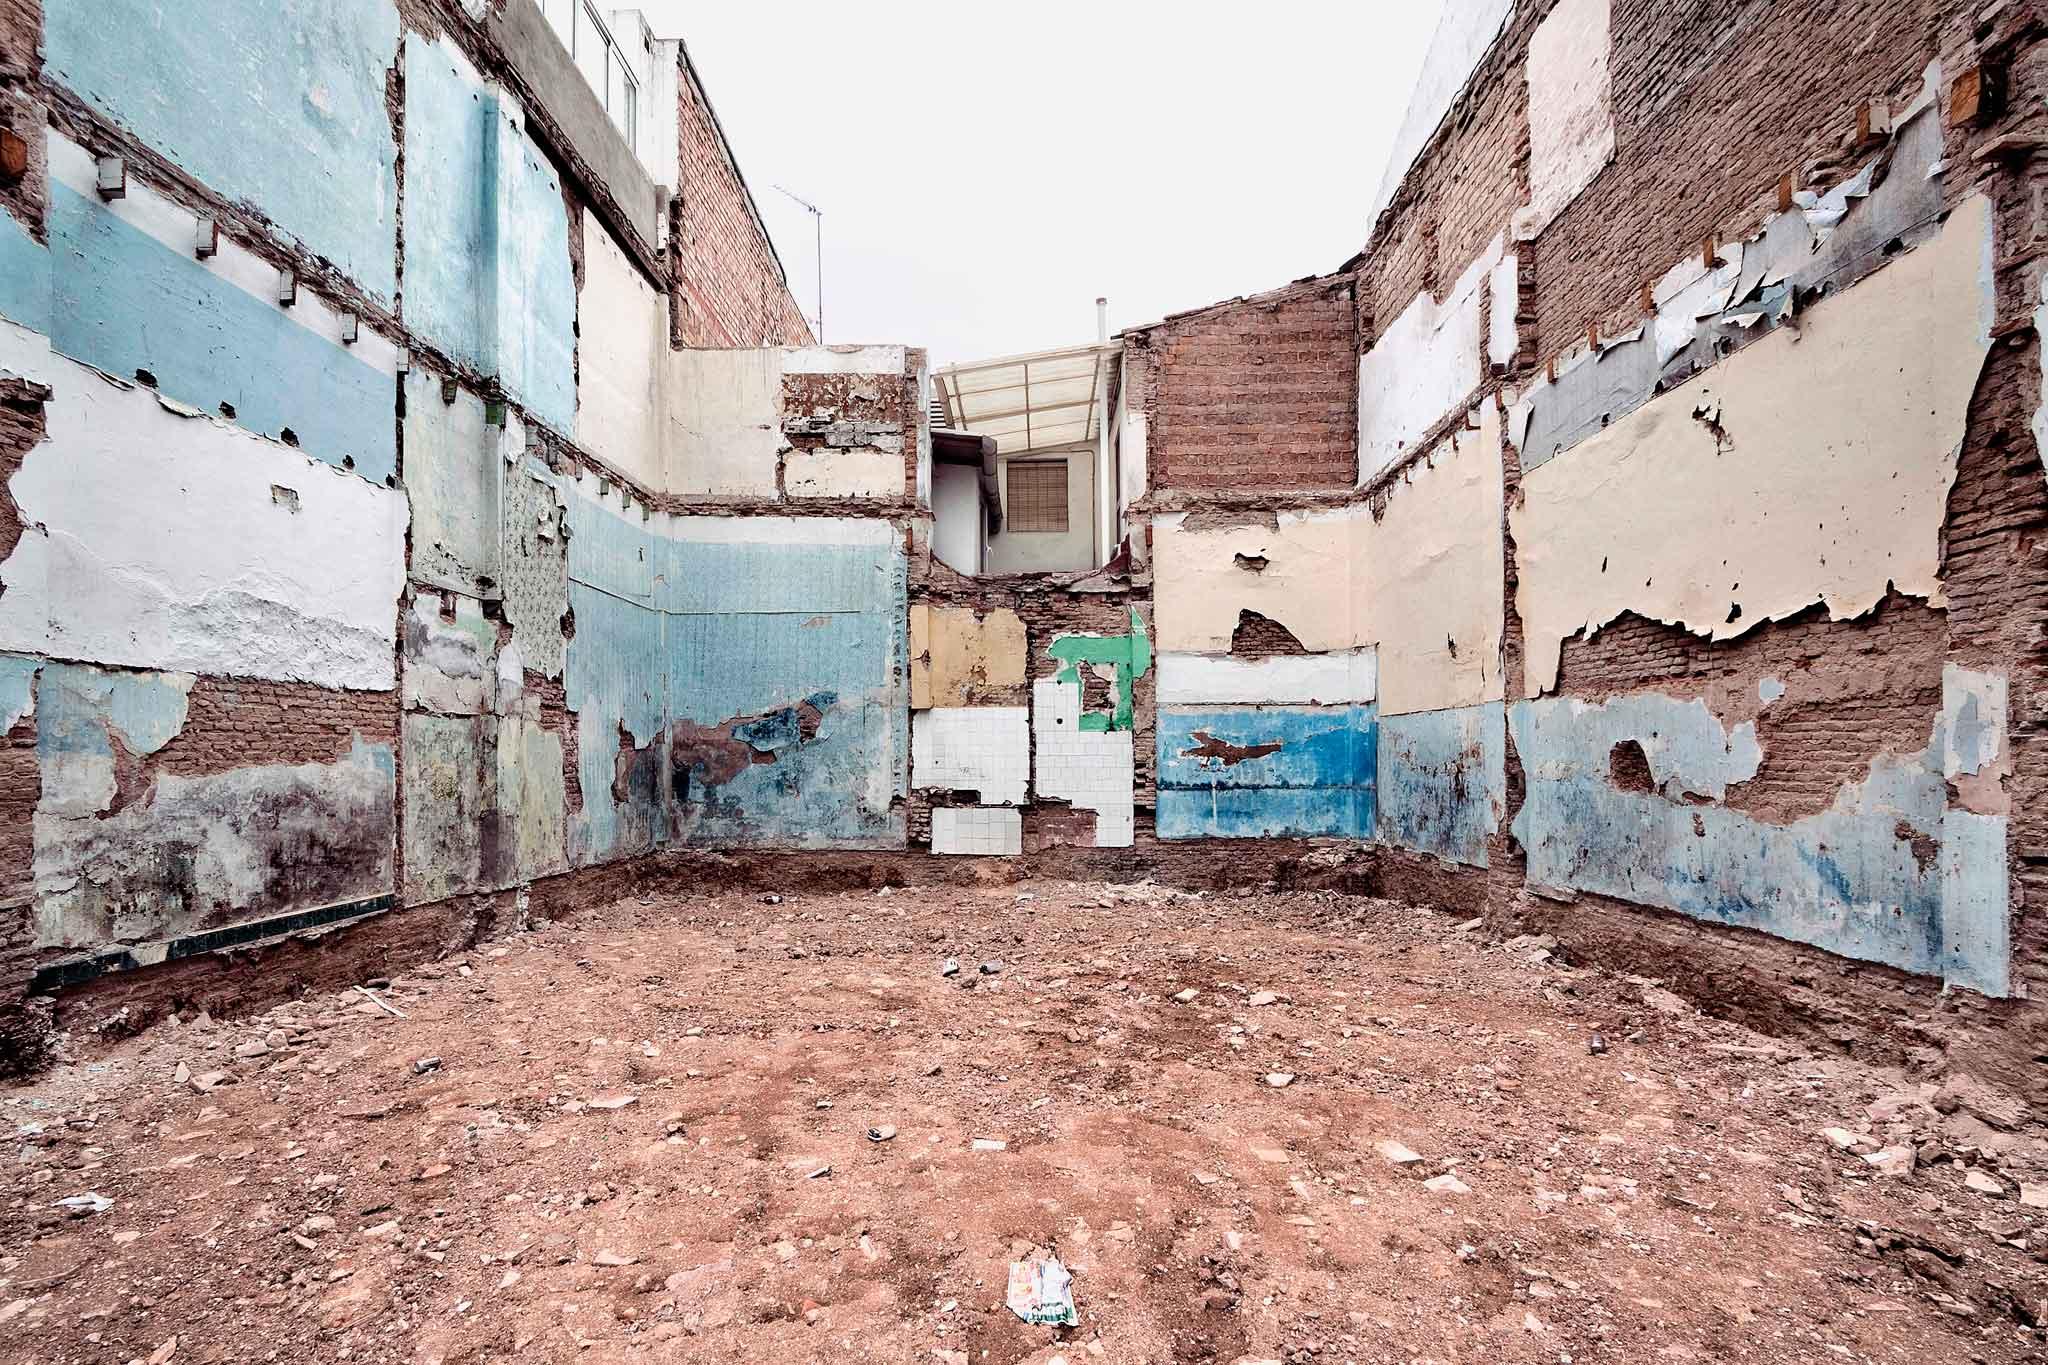 El Giraldillo - Todos los eventos del 25 de Septiembre en Andalucía